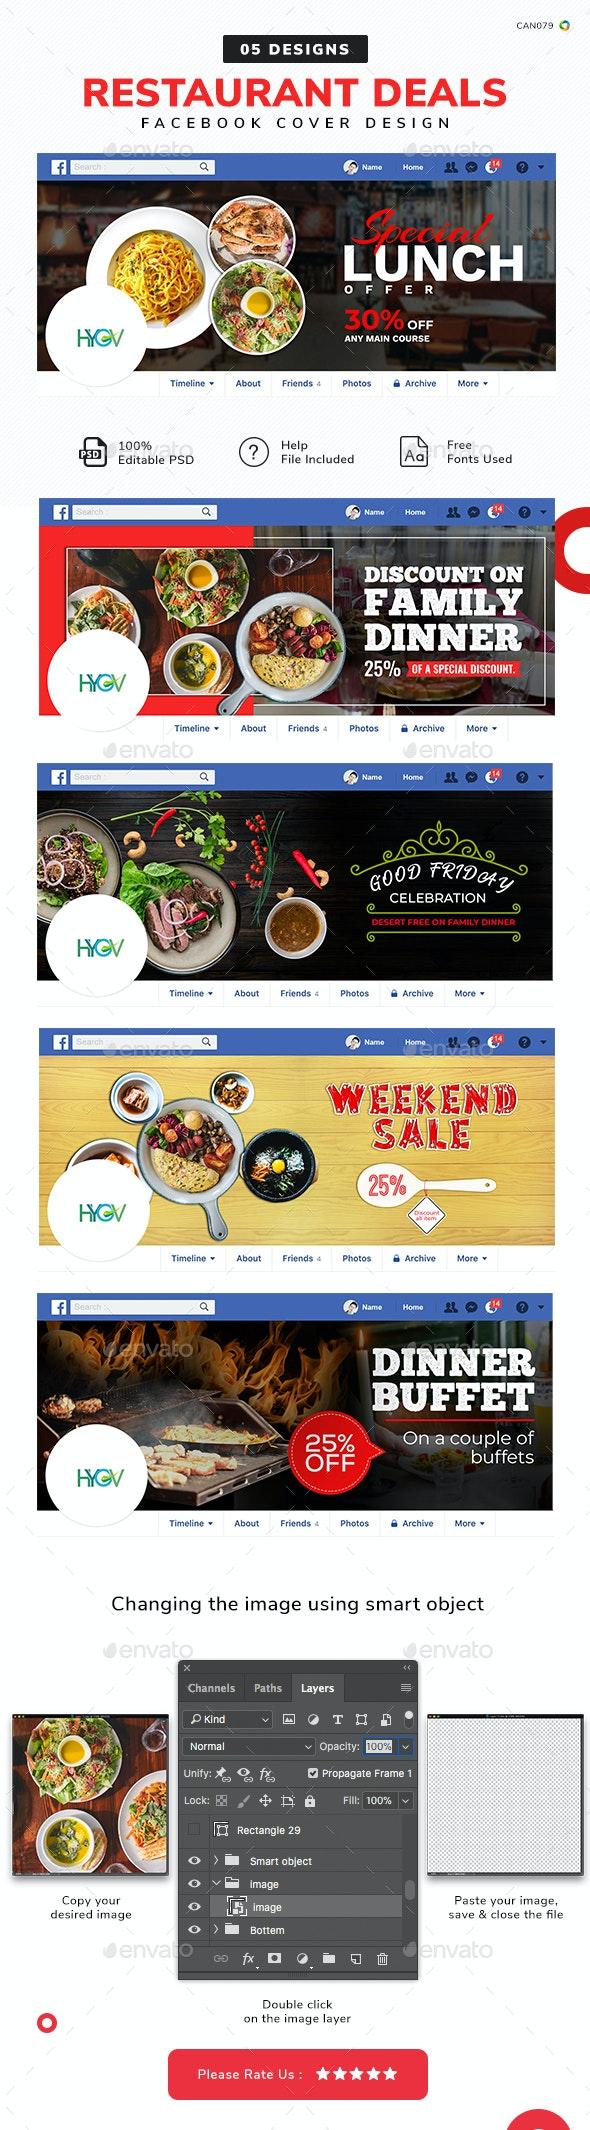 Restaurant Deals Facebook Cover Set - 05 Designs - Facebook Timeline Covers Social Media